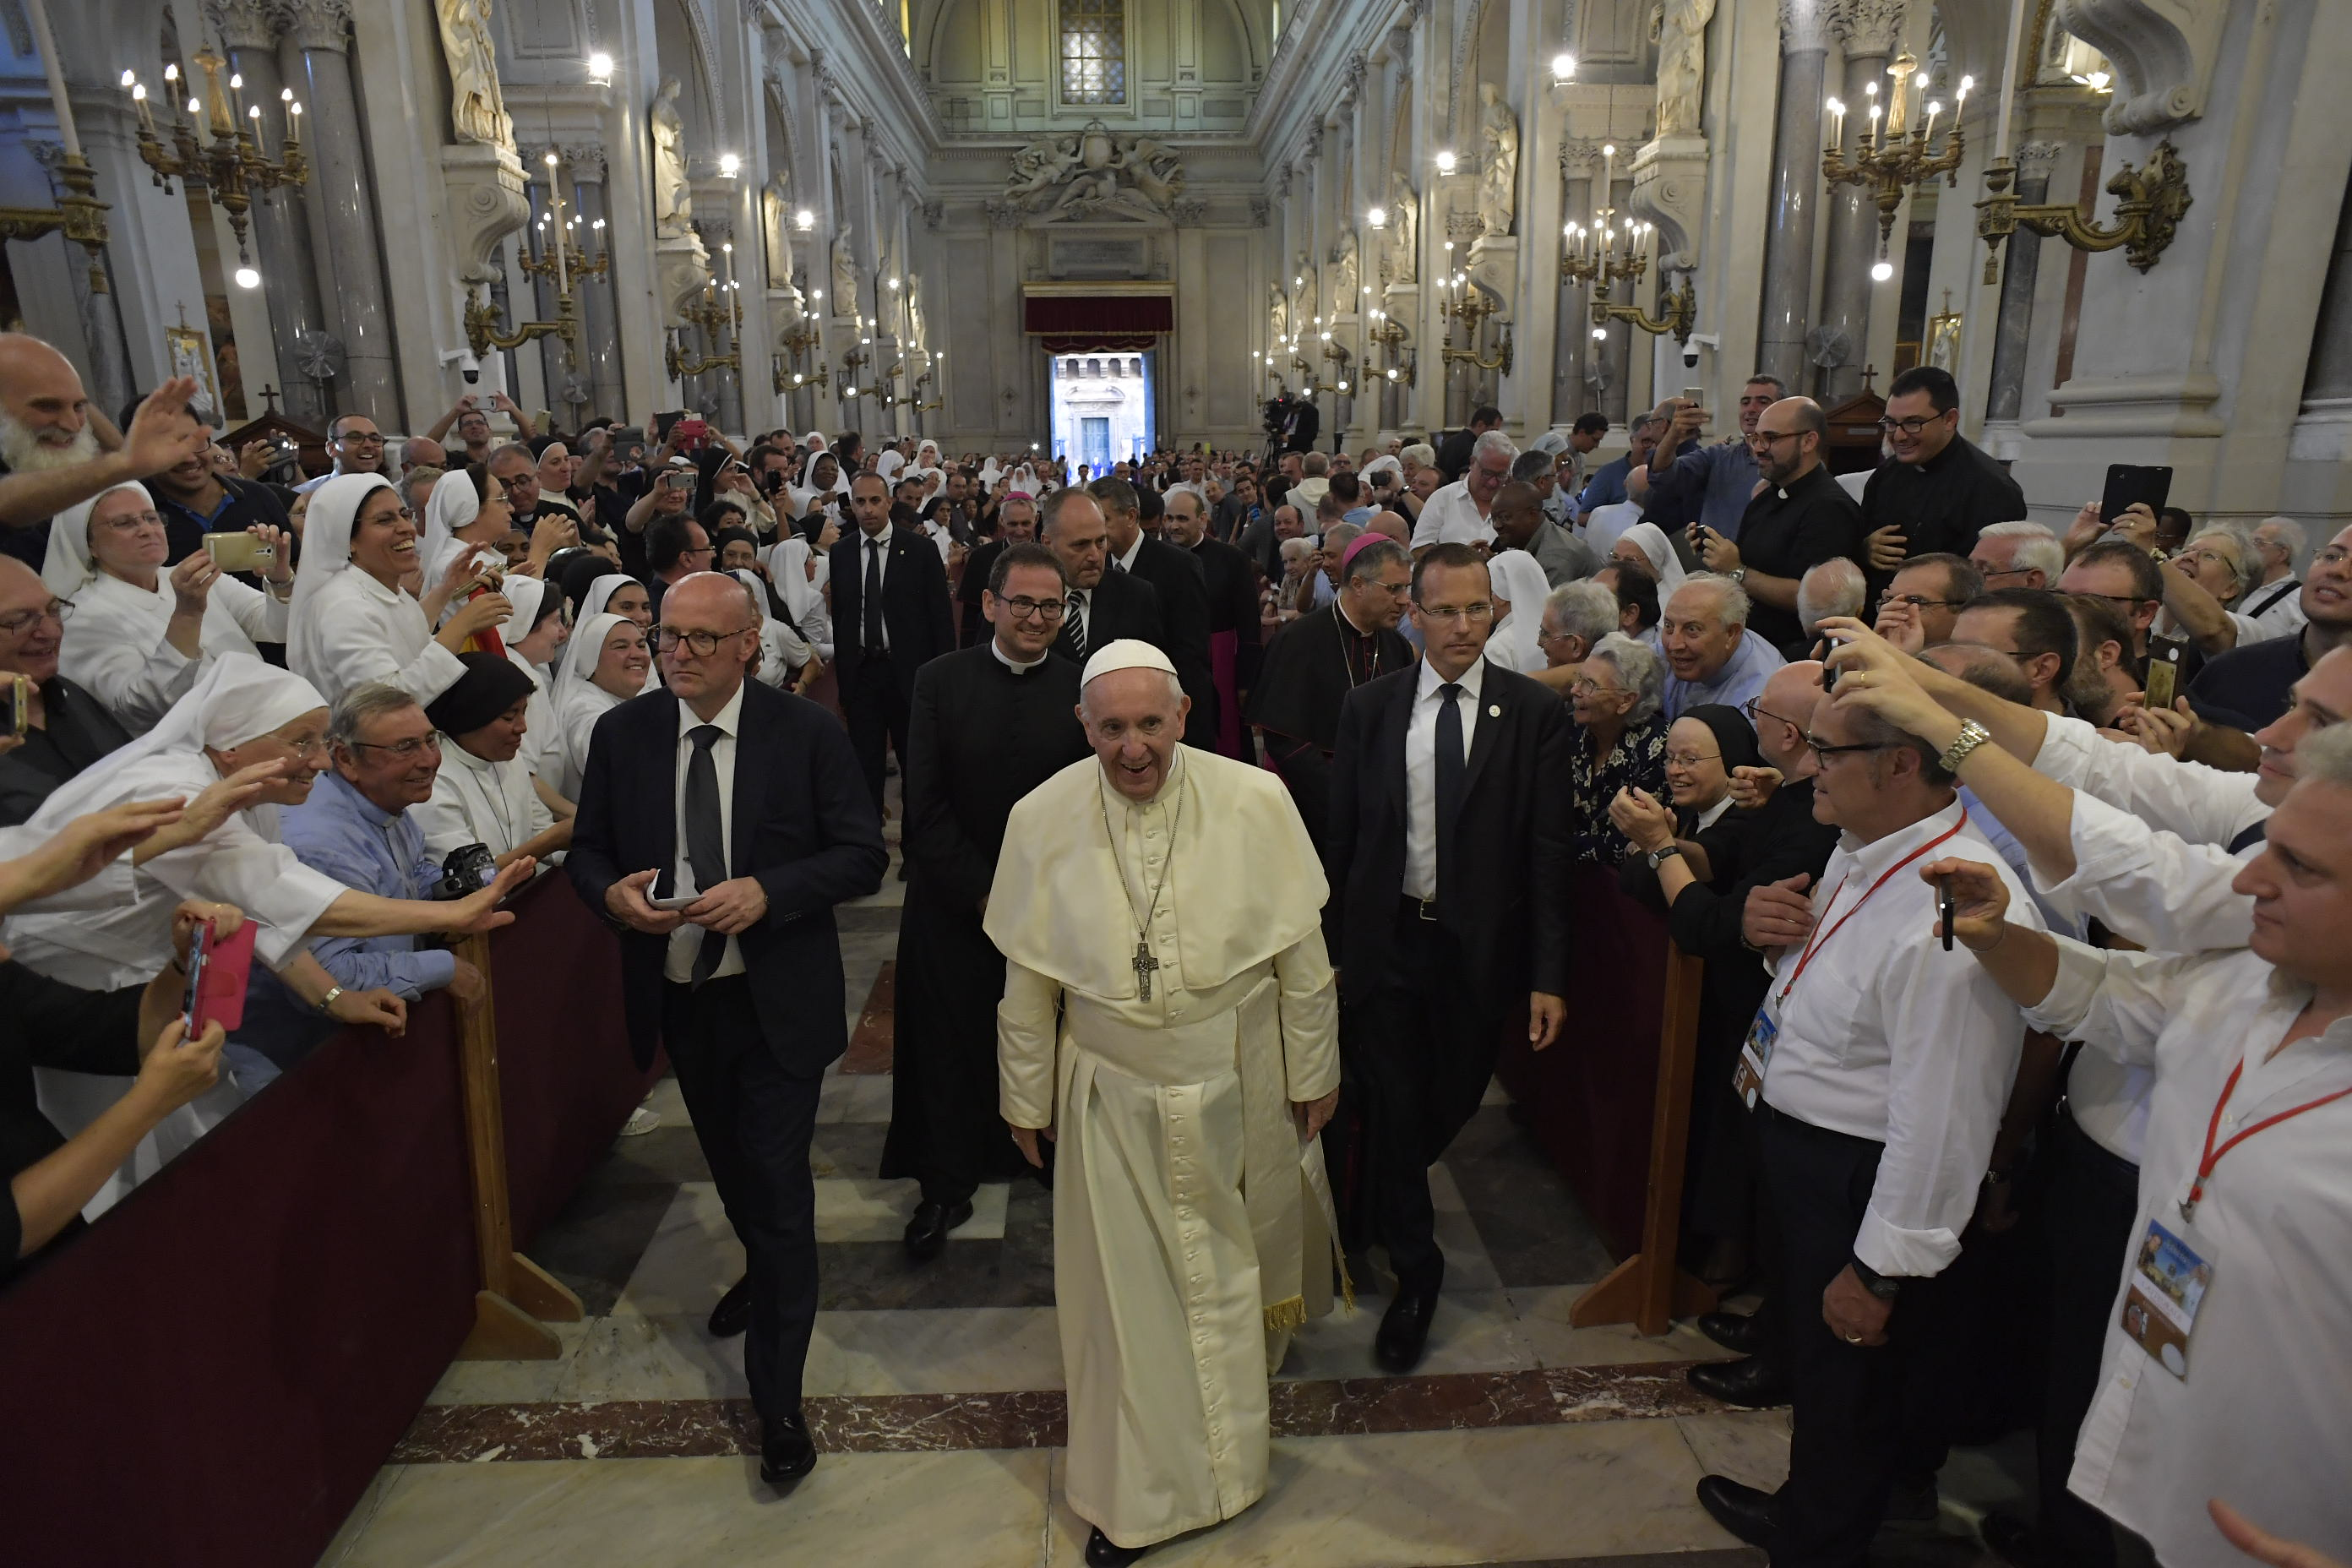 El Papa entra en la Catedral de Palermo, 15 sept. 2018 © Vatican Media